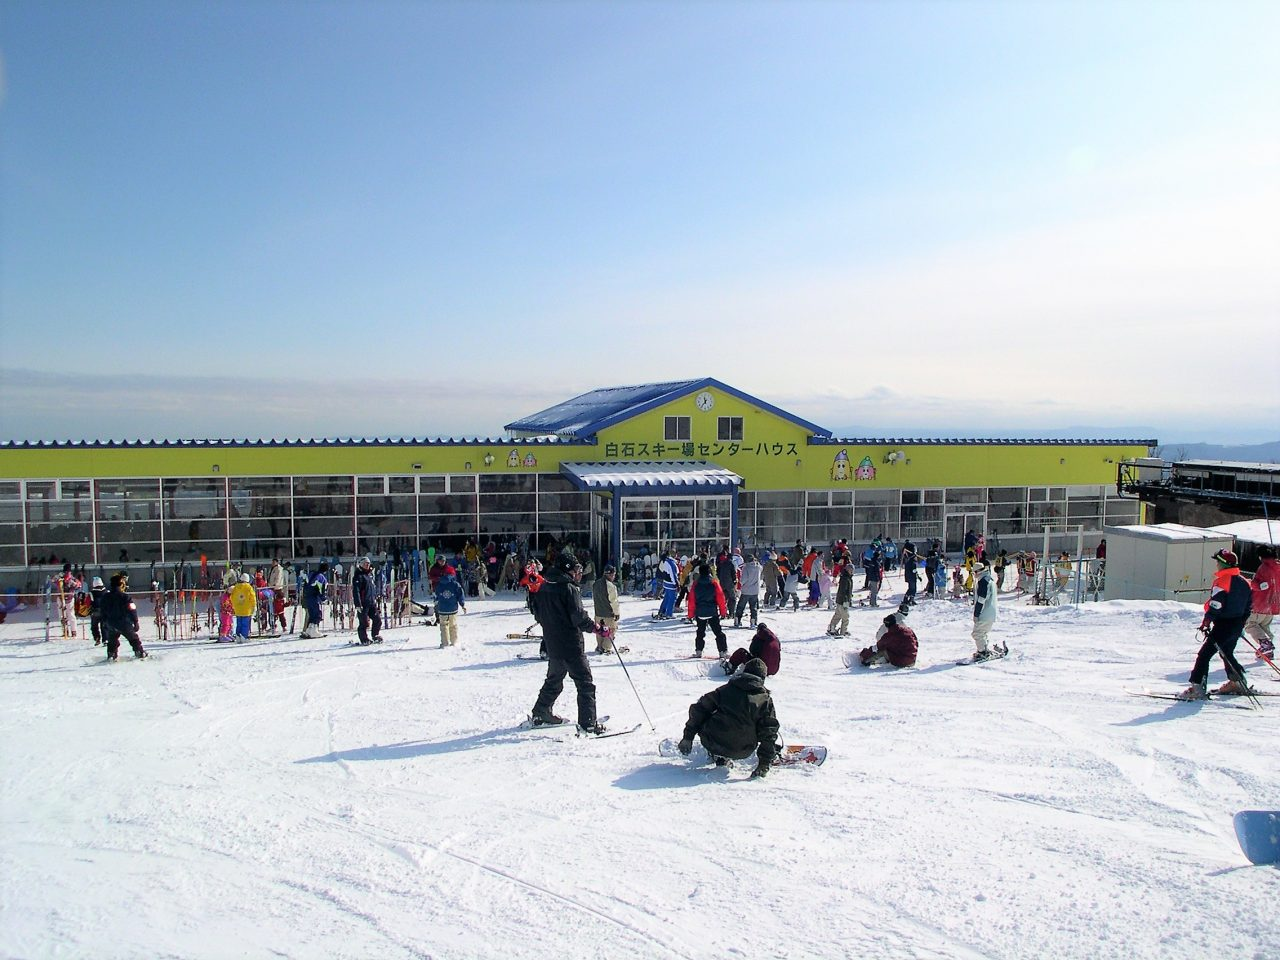 """冬季运动 提供适合家庭活动的多种服务!从入门到精通者都能合理利用享受的""""宫城藏王白石滑雪场""""。"""